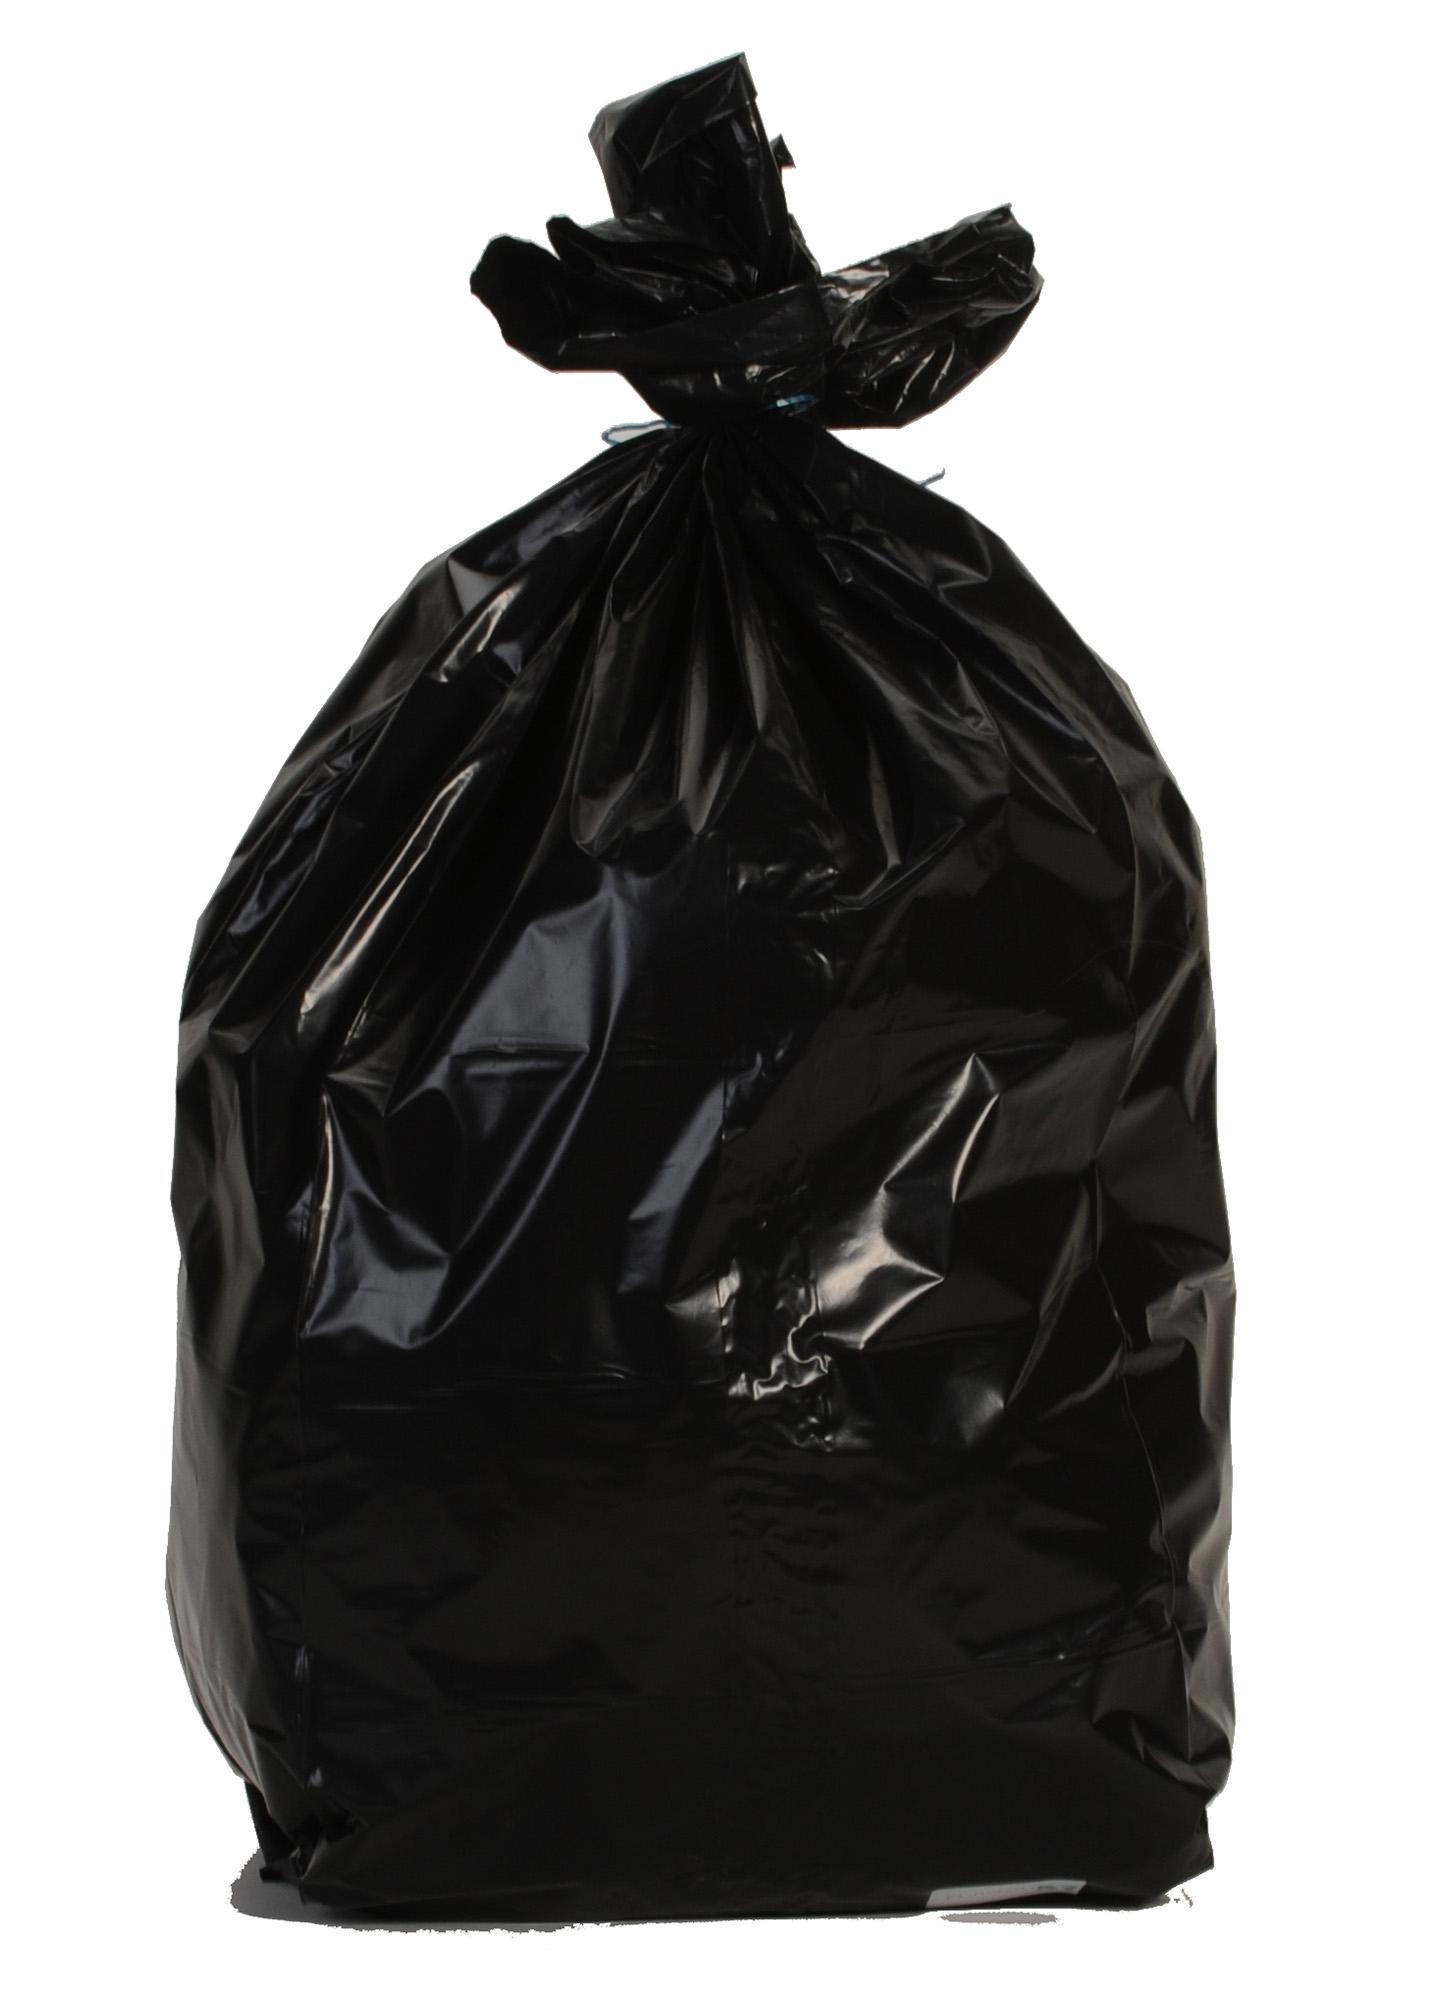 Sac poubelle 110 litres noir renforce colis 200